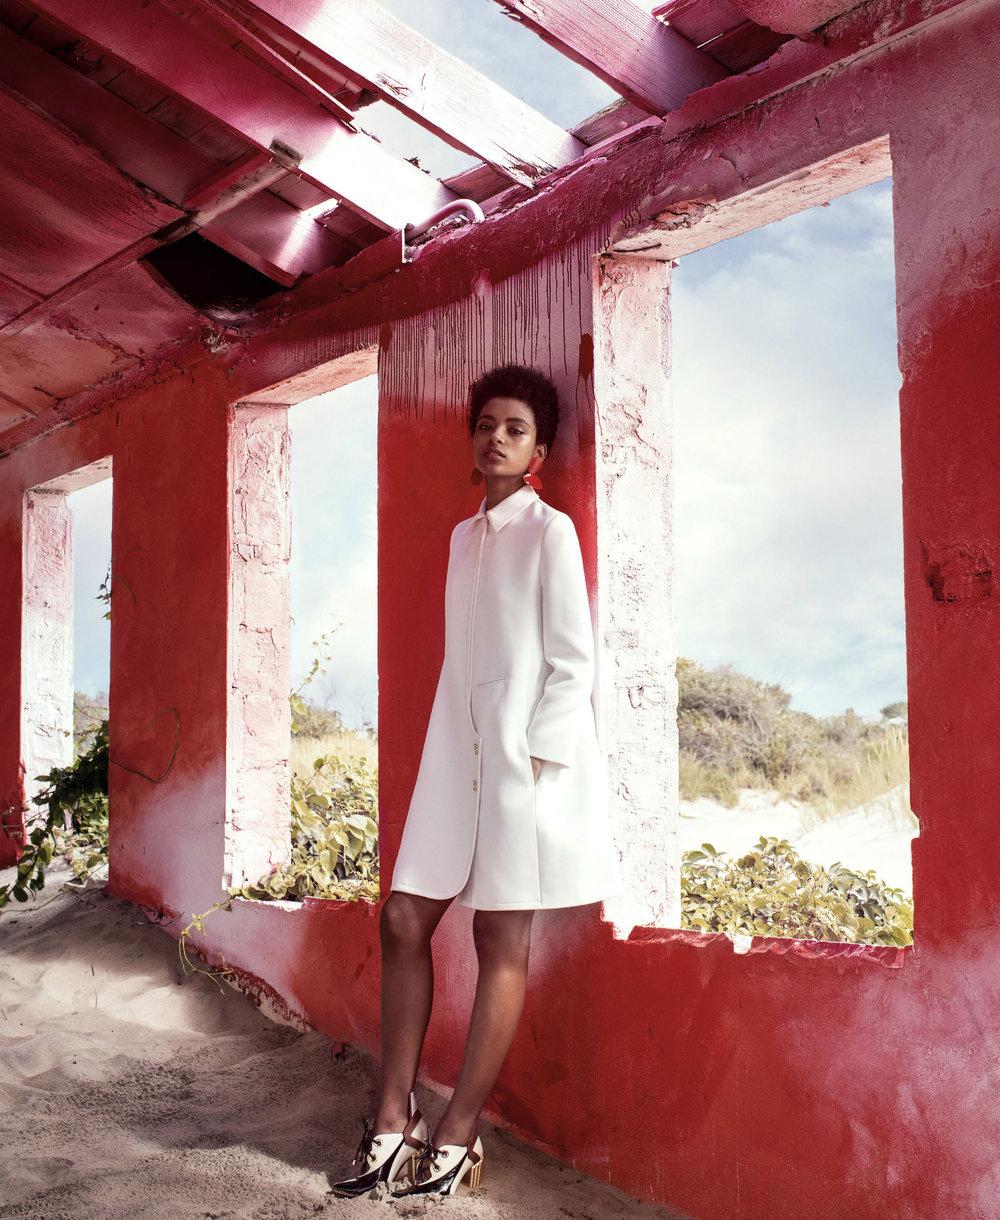 Harpers-Bazaar-US-November-2016-Alecia-Morais-by-Victor-Demarchelier-02.jpg